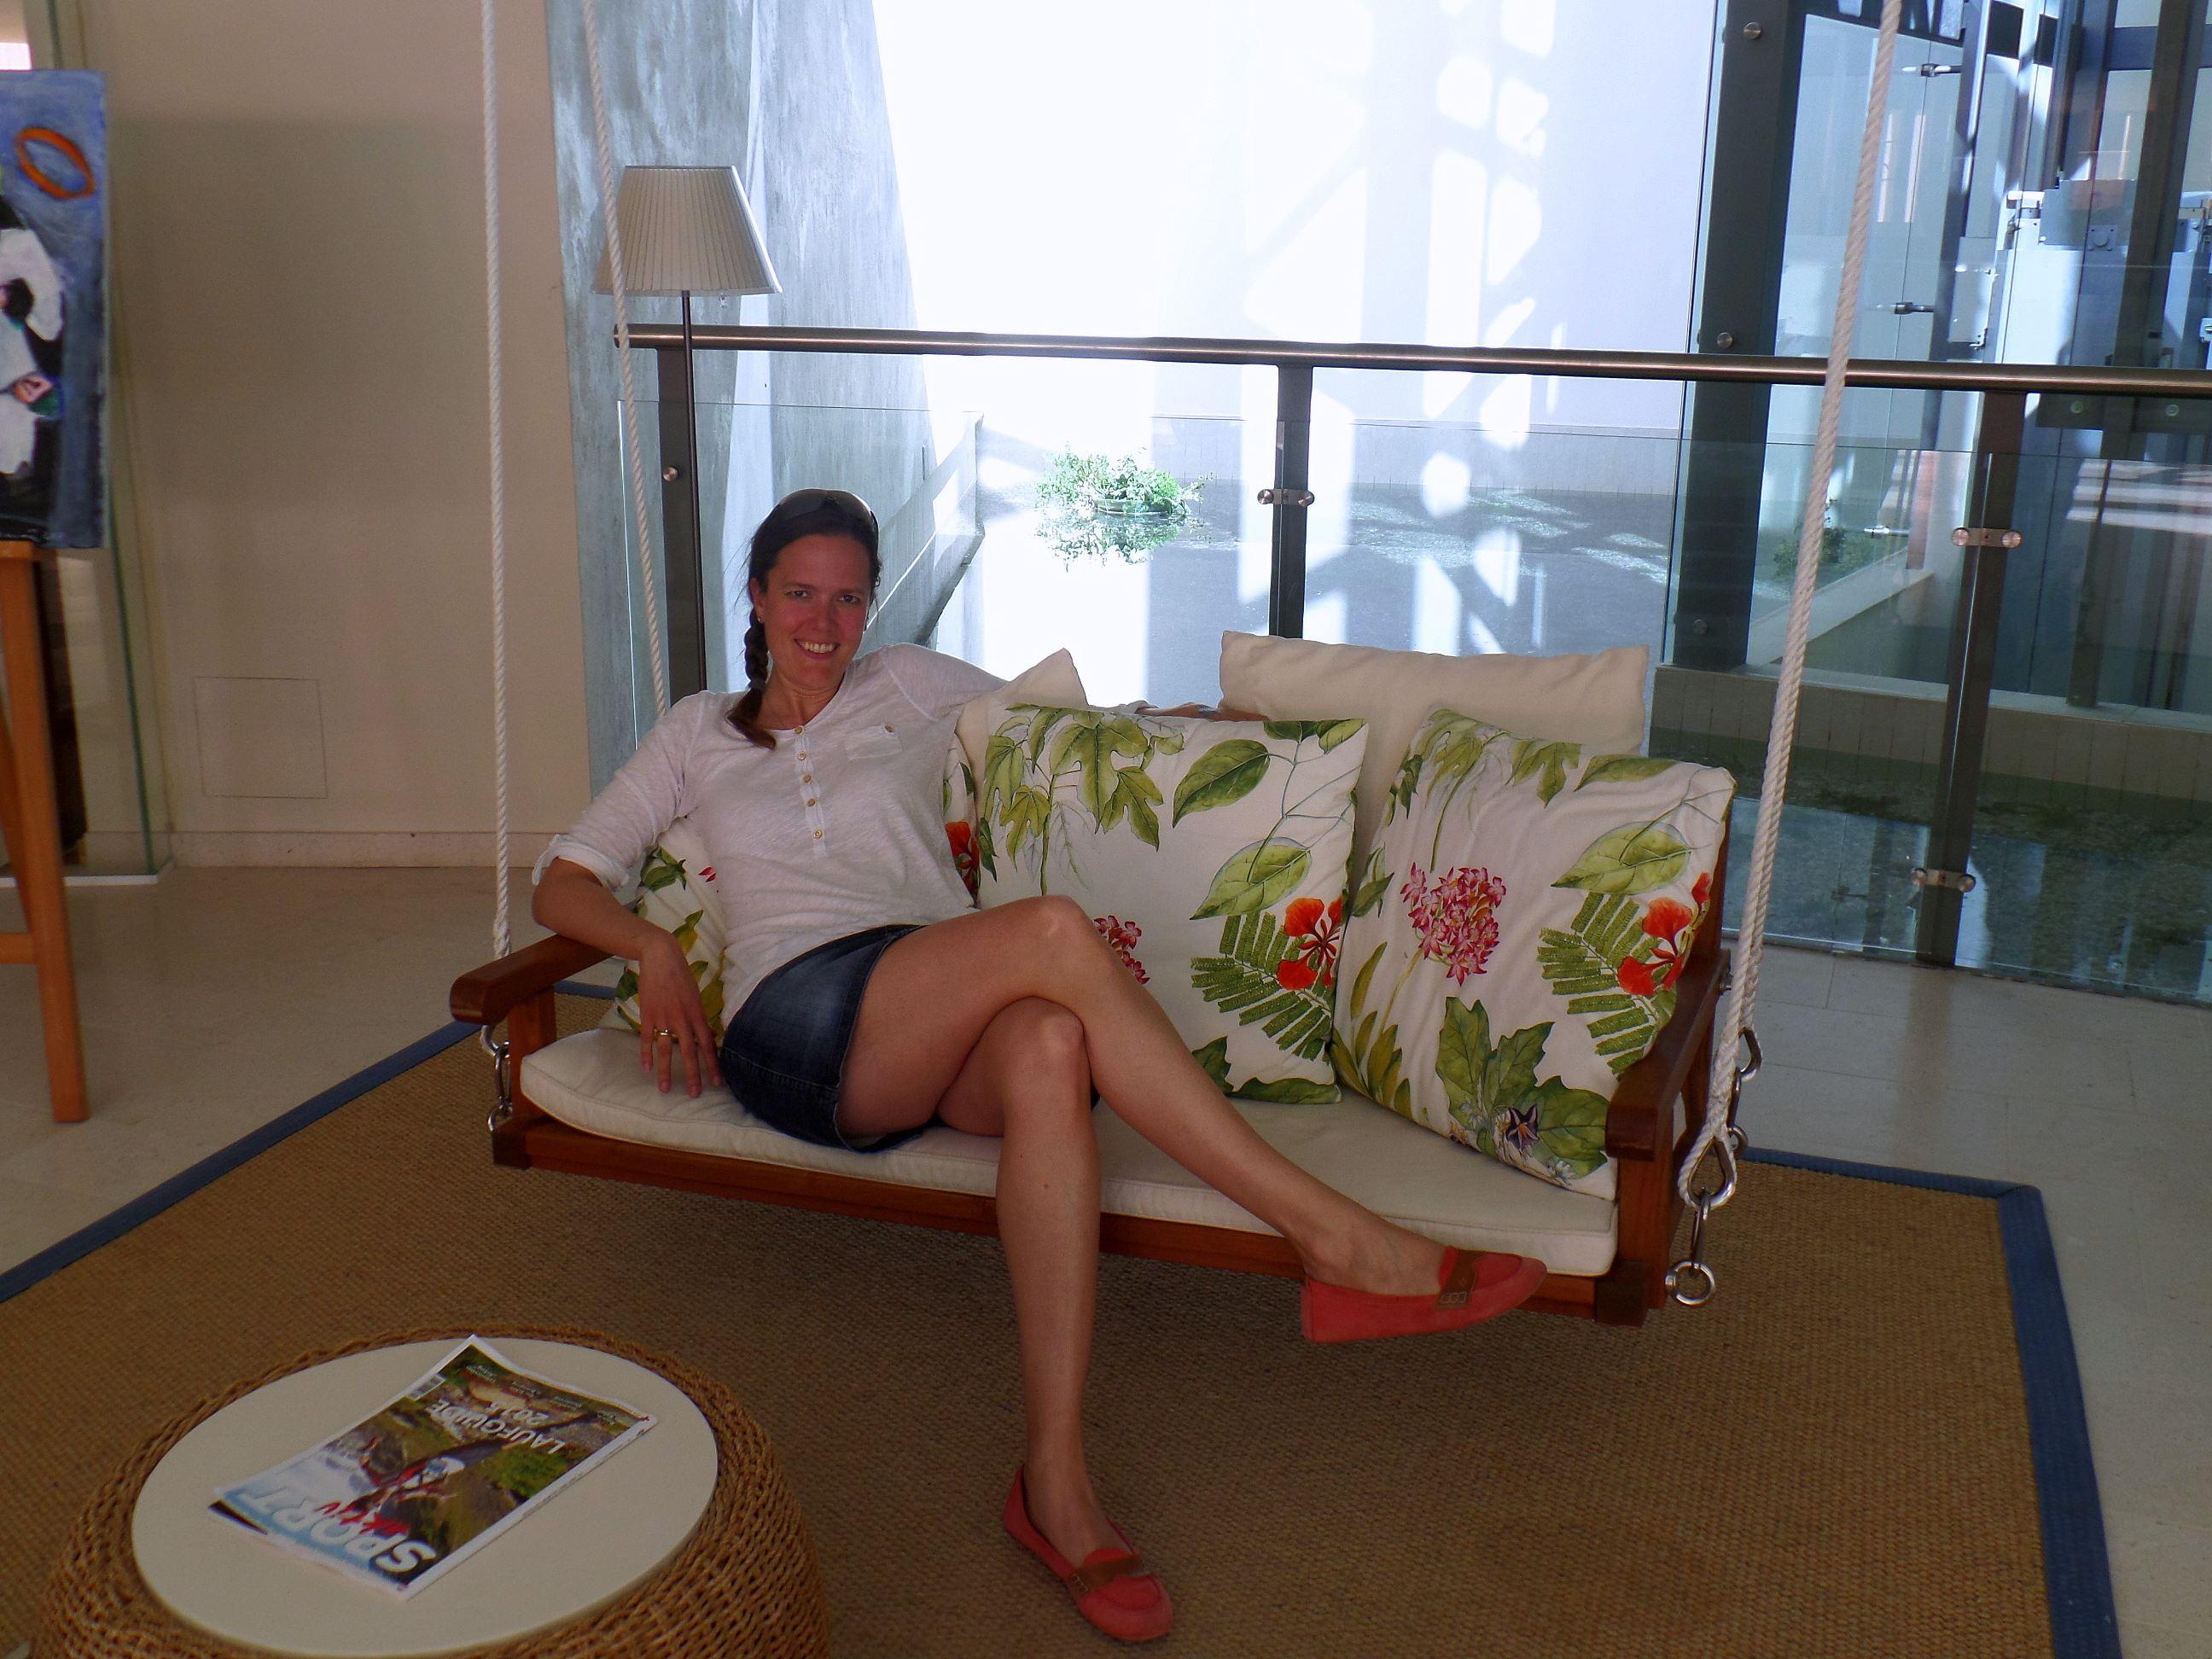 Kurzreise Kroatien   Frühstück an der Adria. staedtereisen kroatien europa  tui berlin kroatien hollywoodschaukel hotel